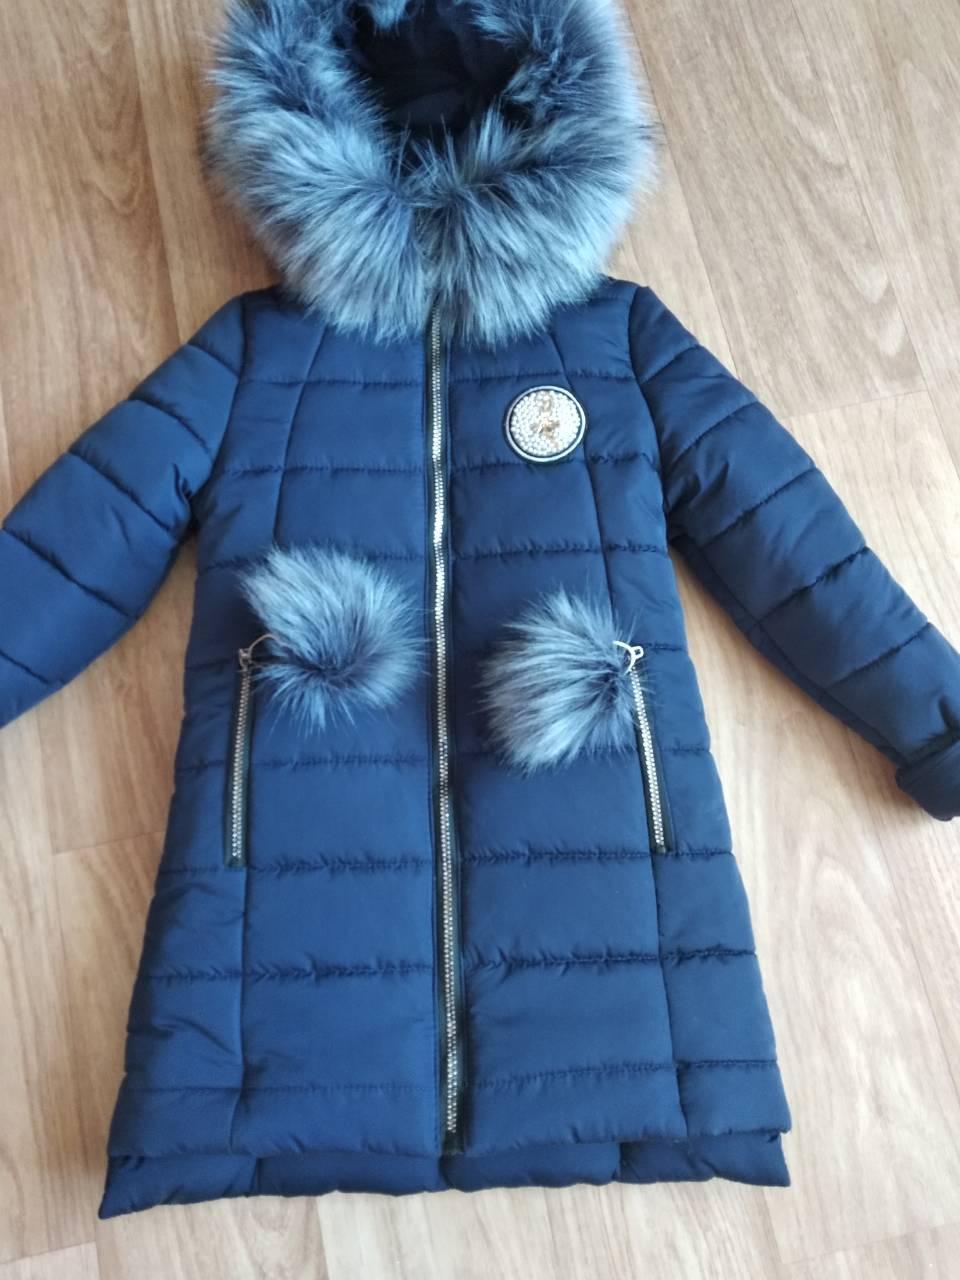 Зимняя подростковая куртка с капюшоном на девочку 146-158. синий, 146